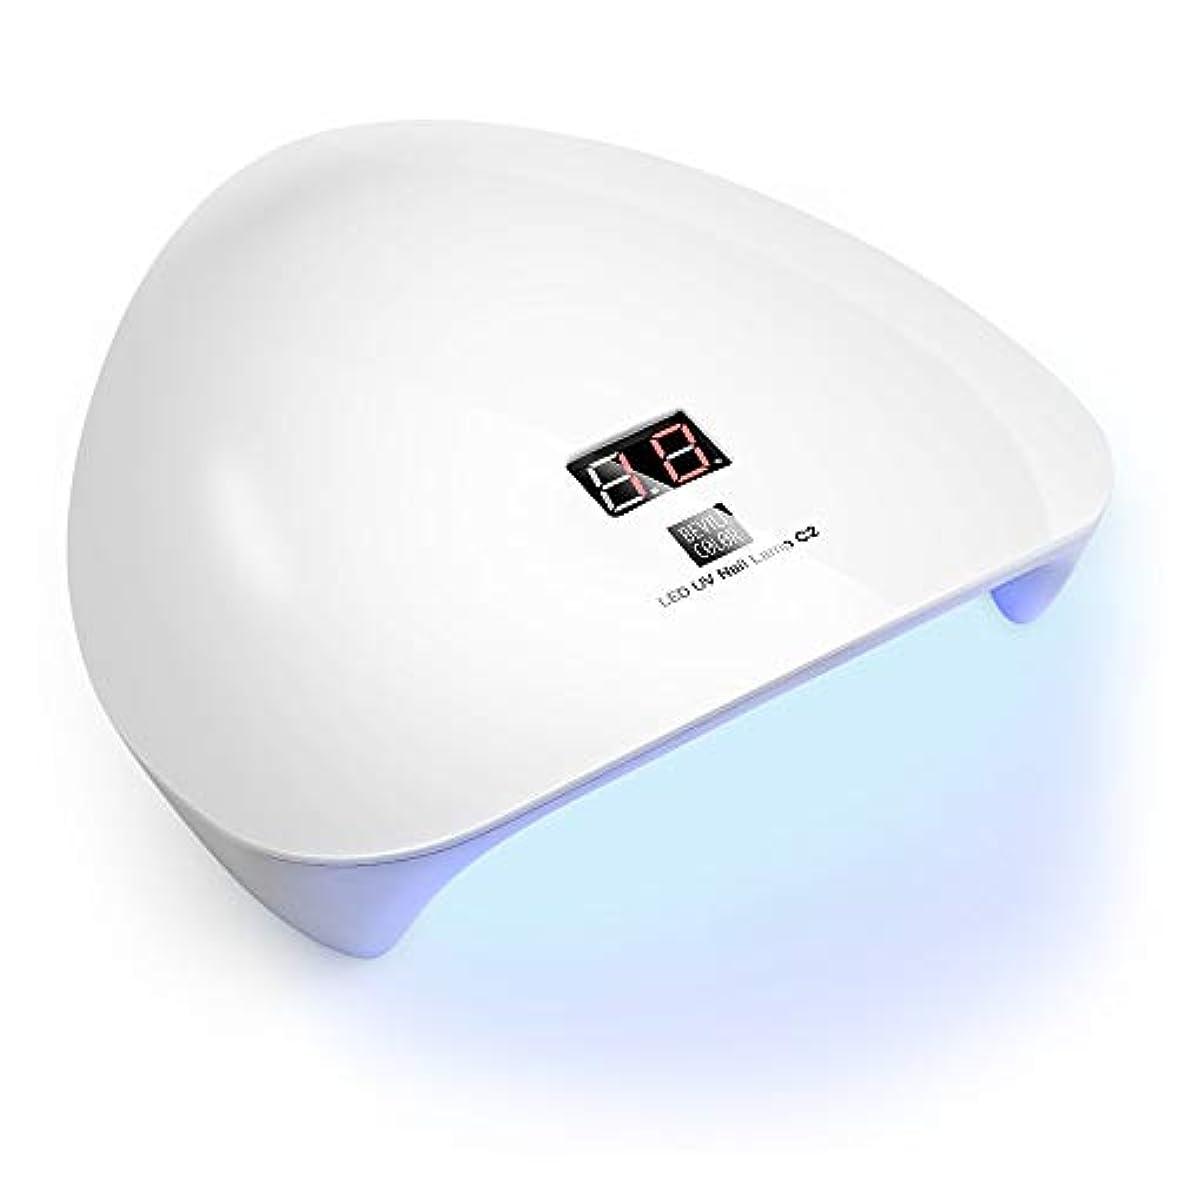 手がかり知らせる連鎖WEVILI ネイル硬化用ライト UVライト LEDライト UVライトネイルドライヤー マニキュア用 LED ネイルドライヤー タイマー機能 自動センサー機能 レジン 便利 (45W 硬化用UVライト)